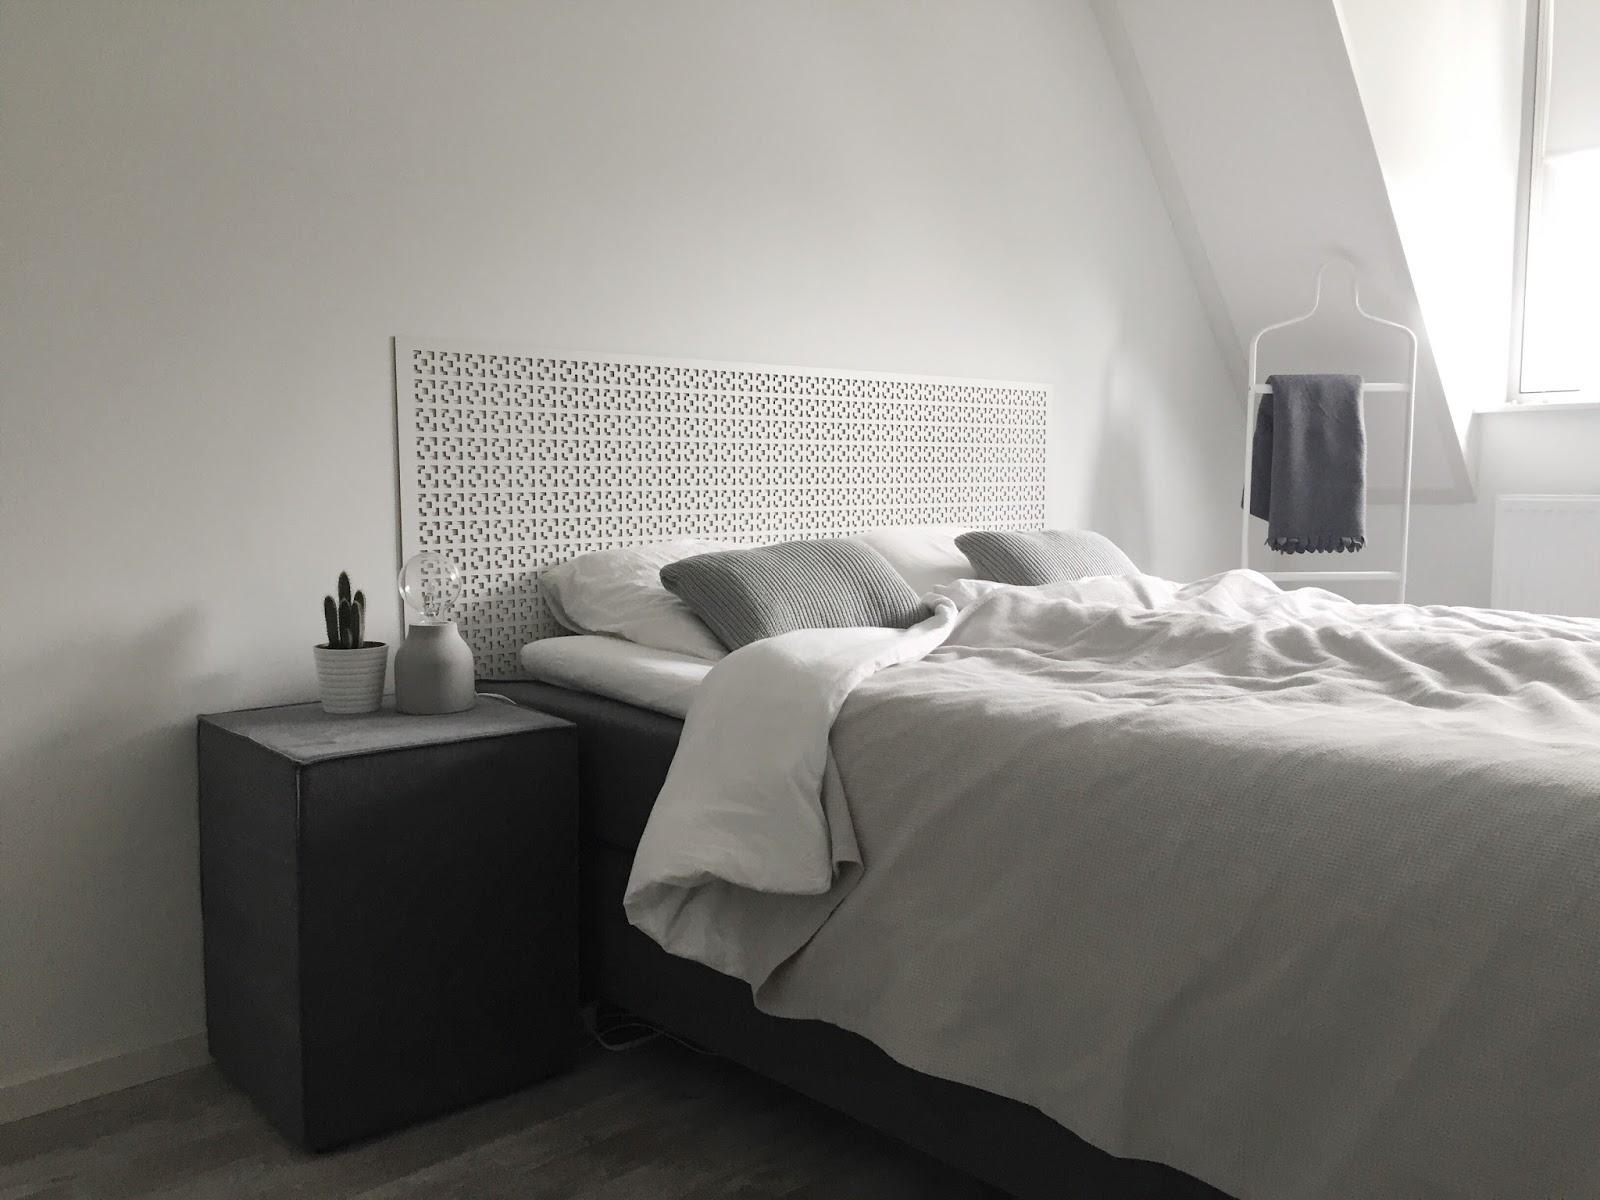 Slaapkamer In Kubus : Manonwonen slaapkamer makeover